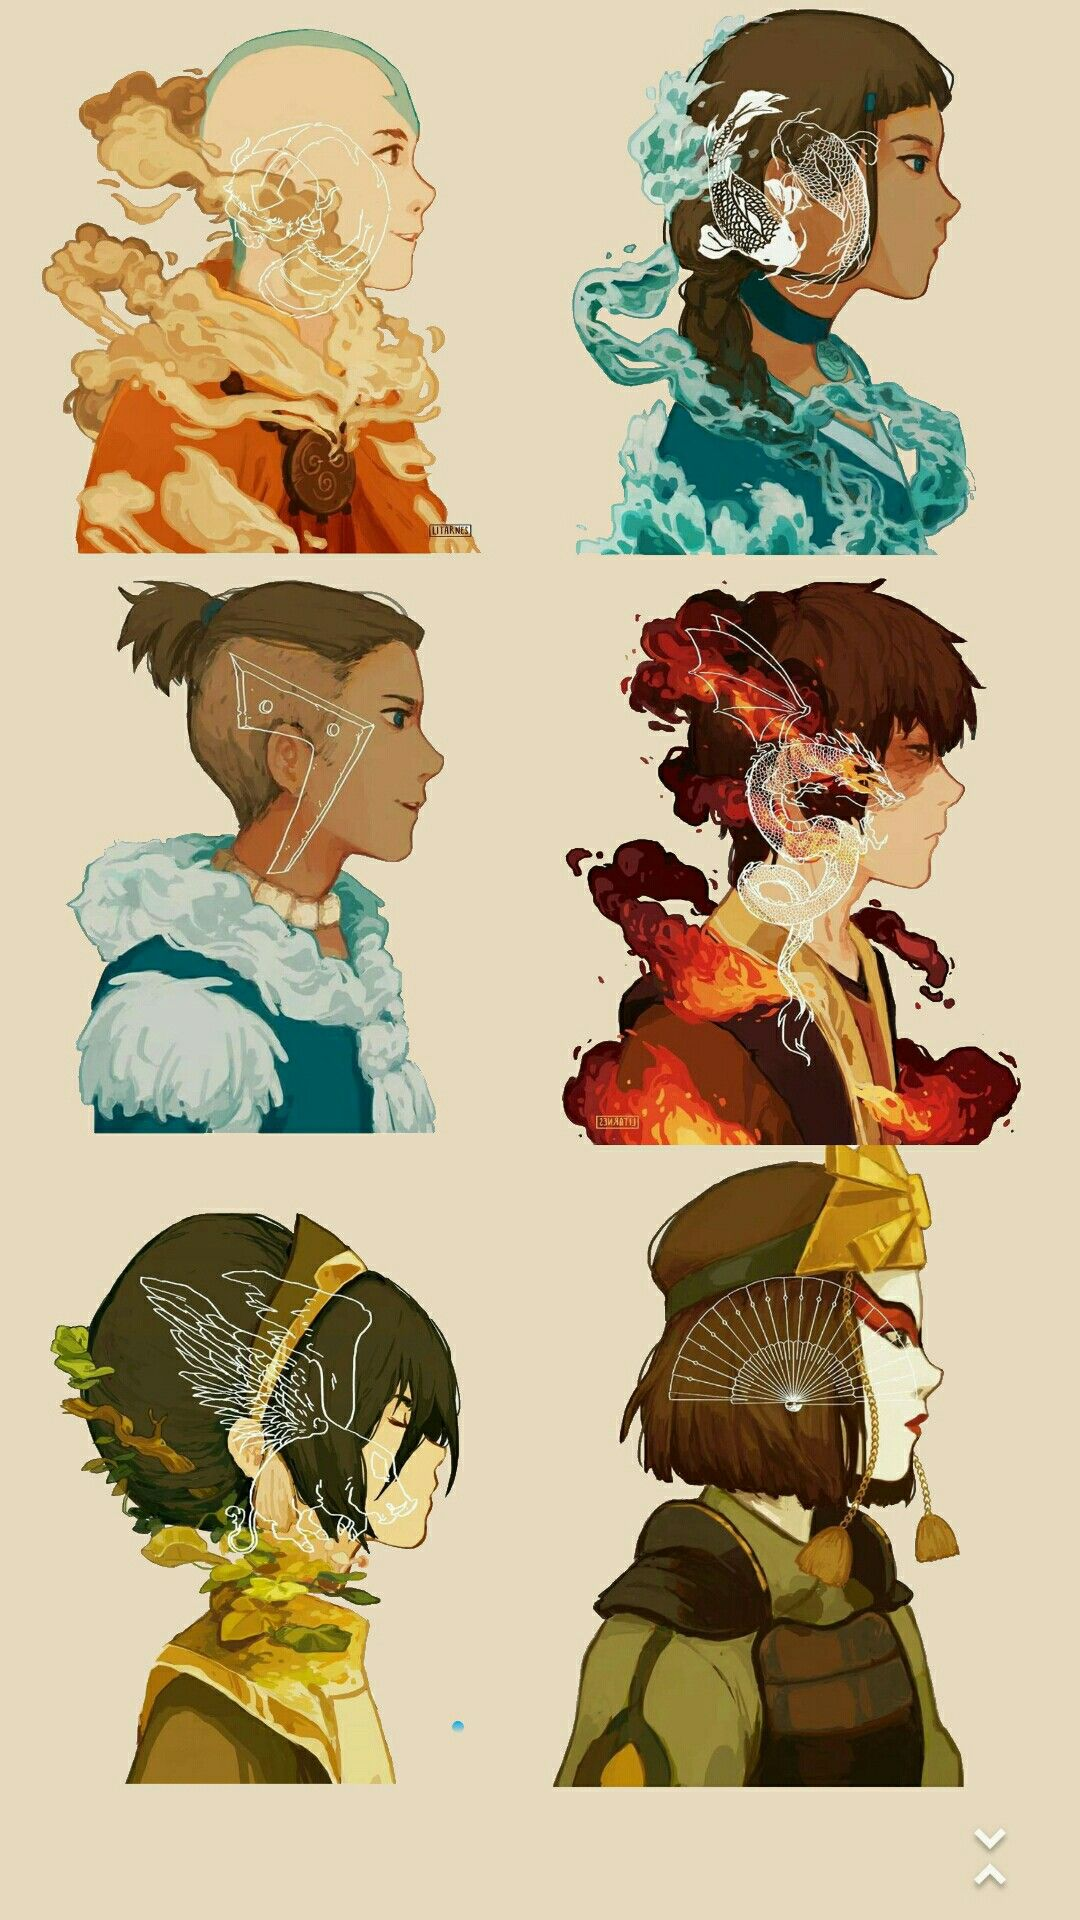 Avatar The Last Airbender Wallpaper Avatar Zuko Avatar Airbender Avatar Characters